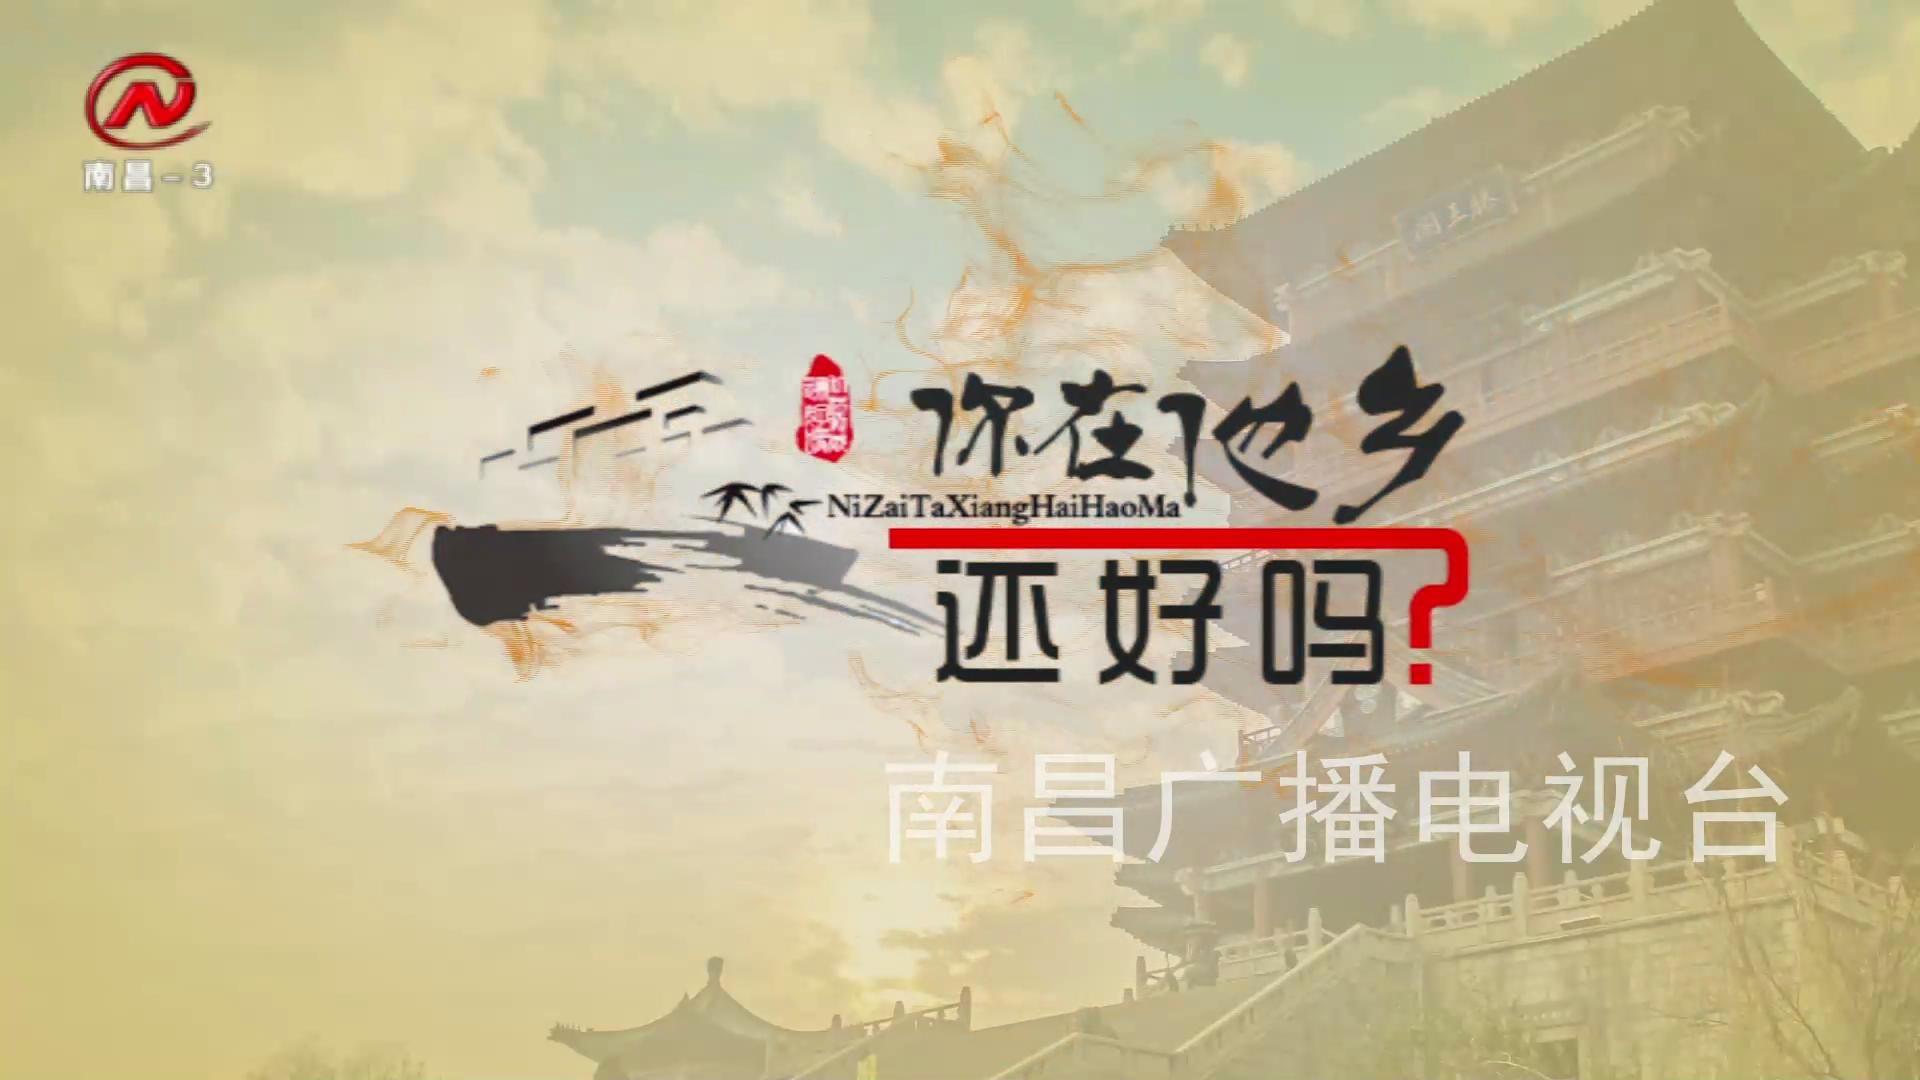 """聚焦南昌""""三请三回"""" 家乡水甜泥土香"""